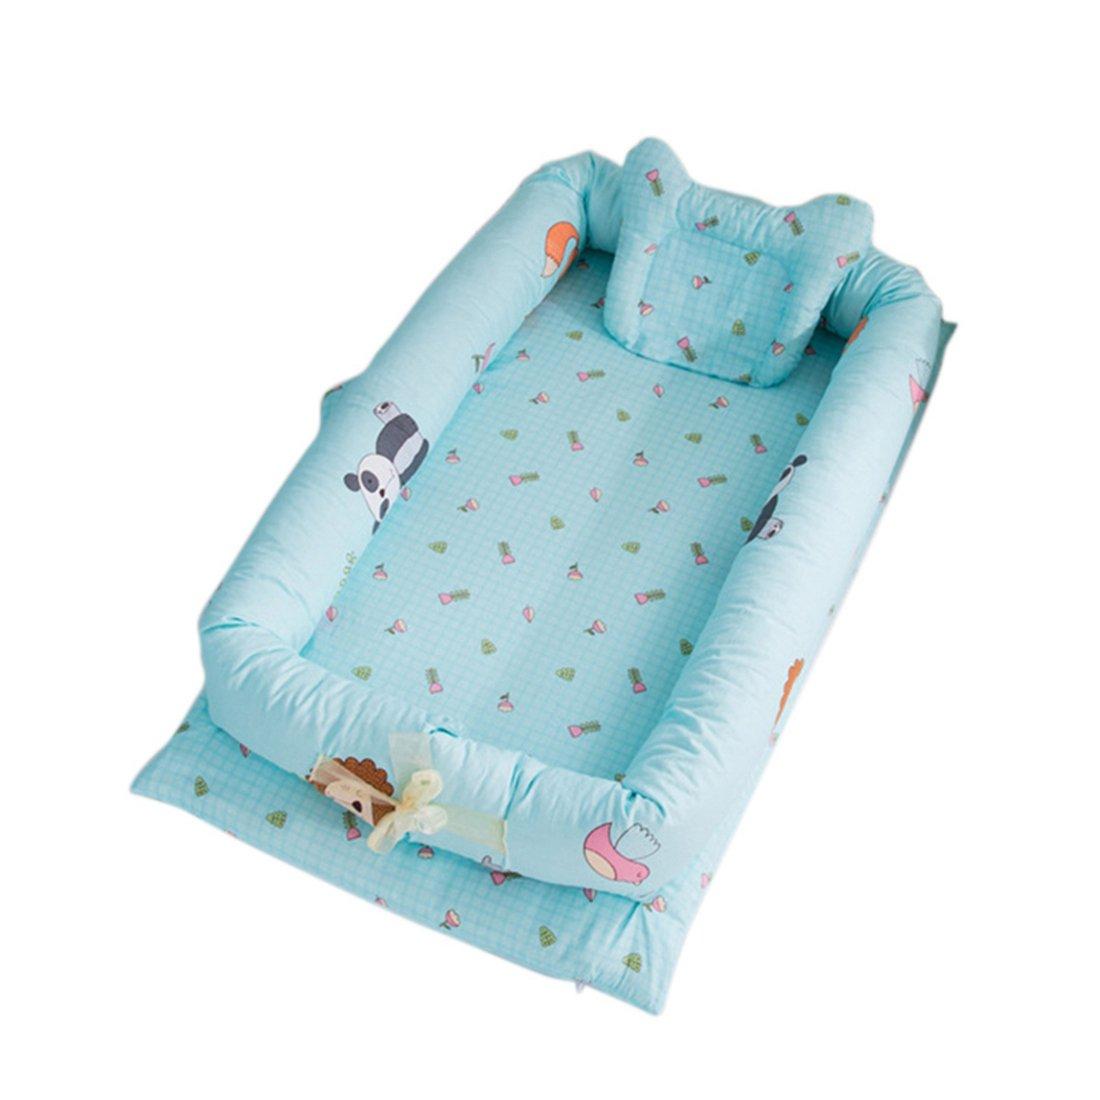 YUENA CARE un Juego de Cama Nido de Bebé Reductor Protector de Cuna Cama Cojín de Nido + Protector de Cuna + Almohada de Bebé #1